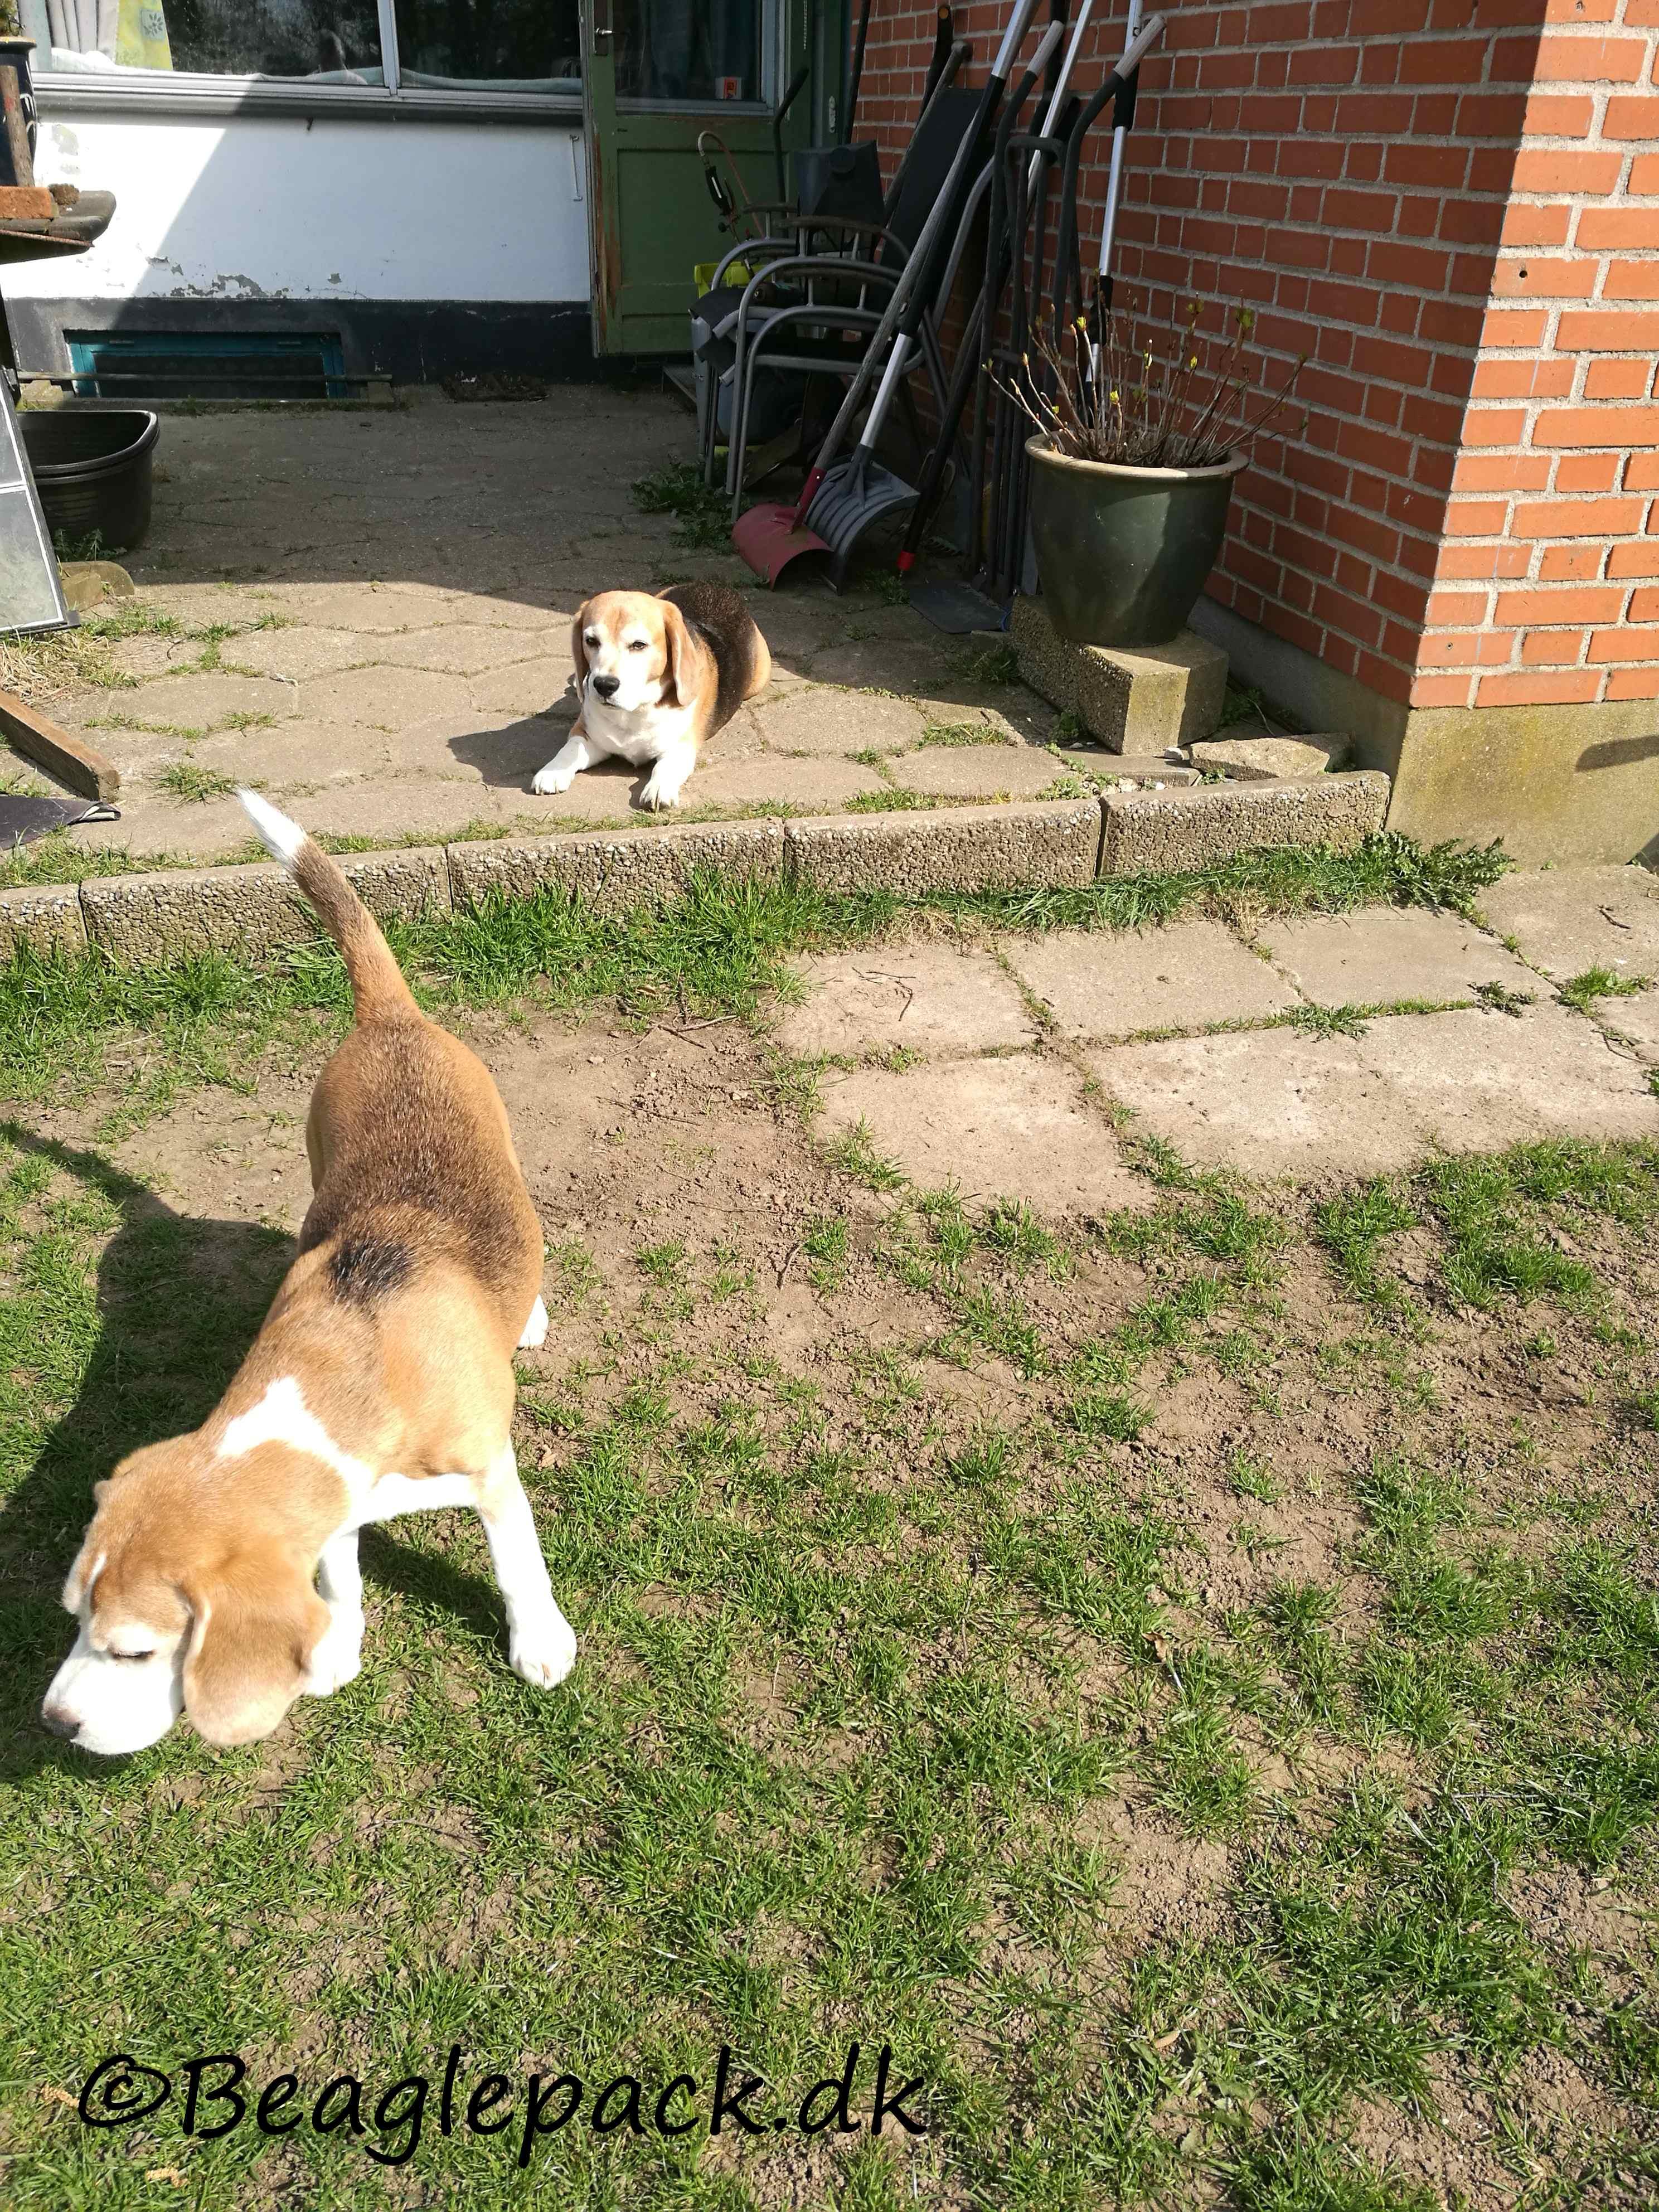 En ny beagle?